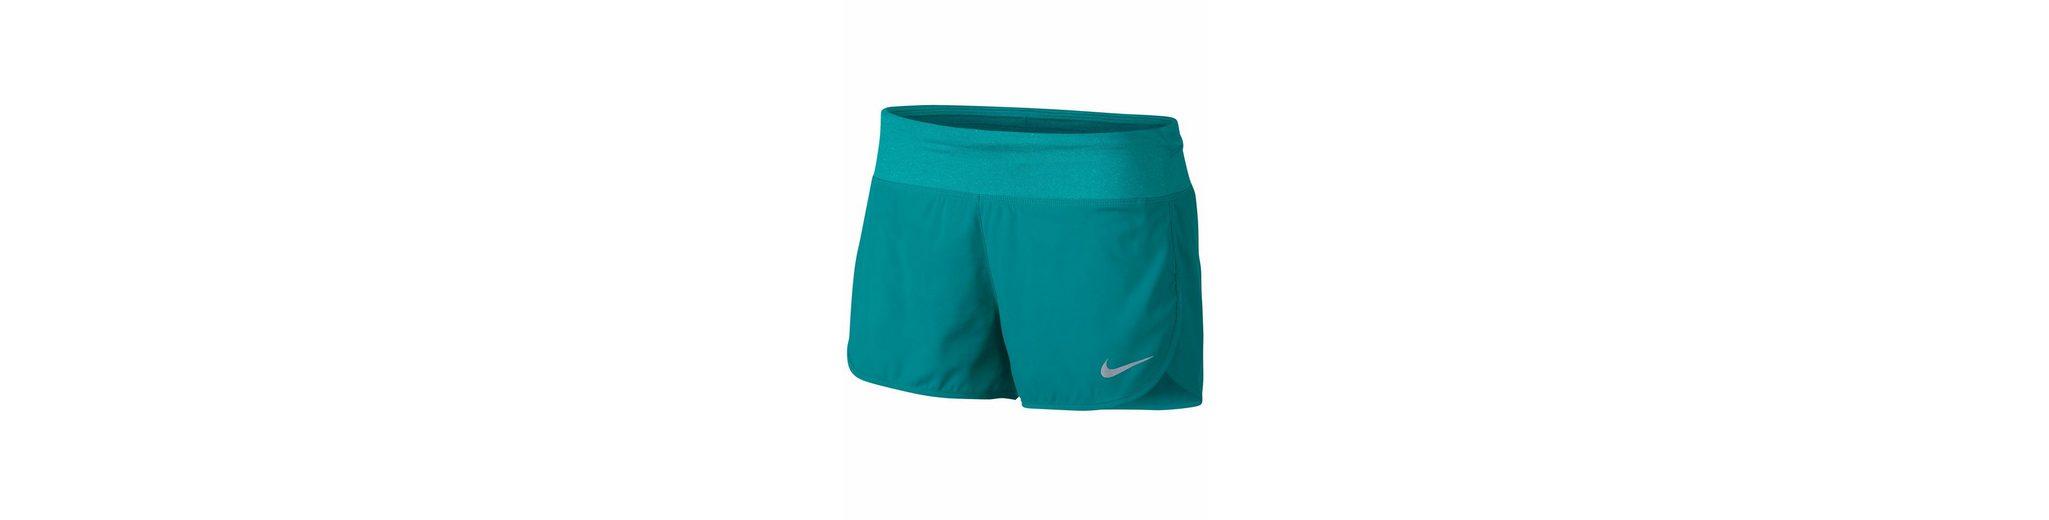 Spielraum Besuch Nike Funktionsshorts 3IN RIVAL SHORT Countdown Paket Günstiger Preis CCCq2787